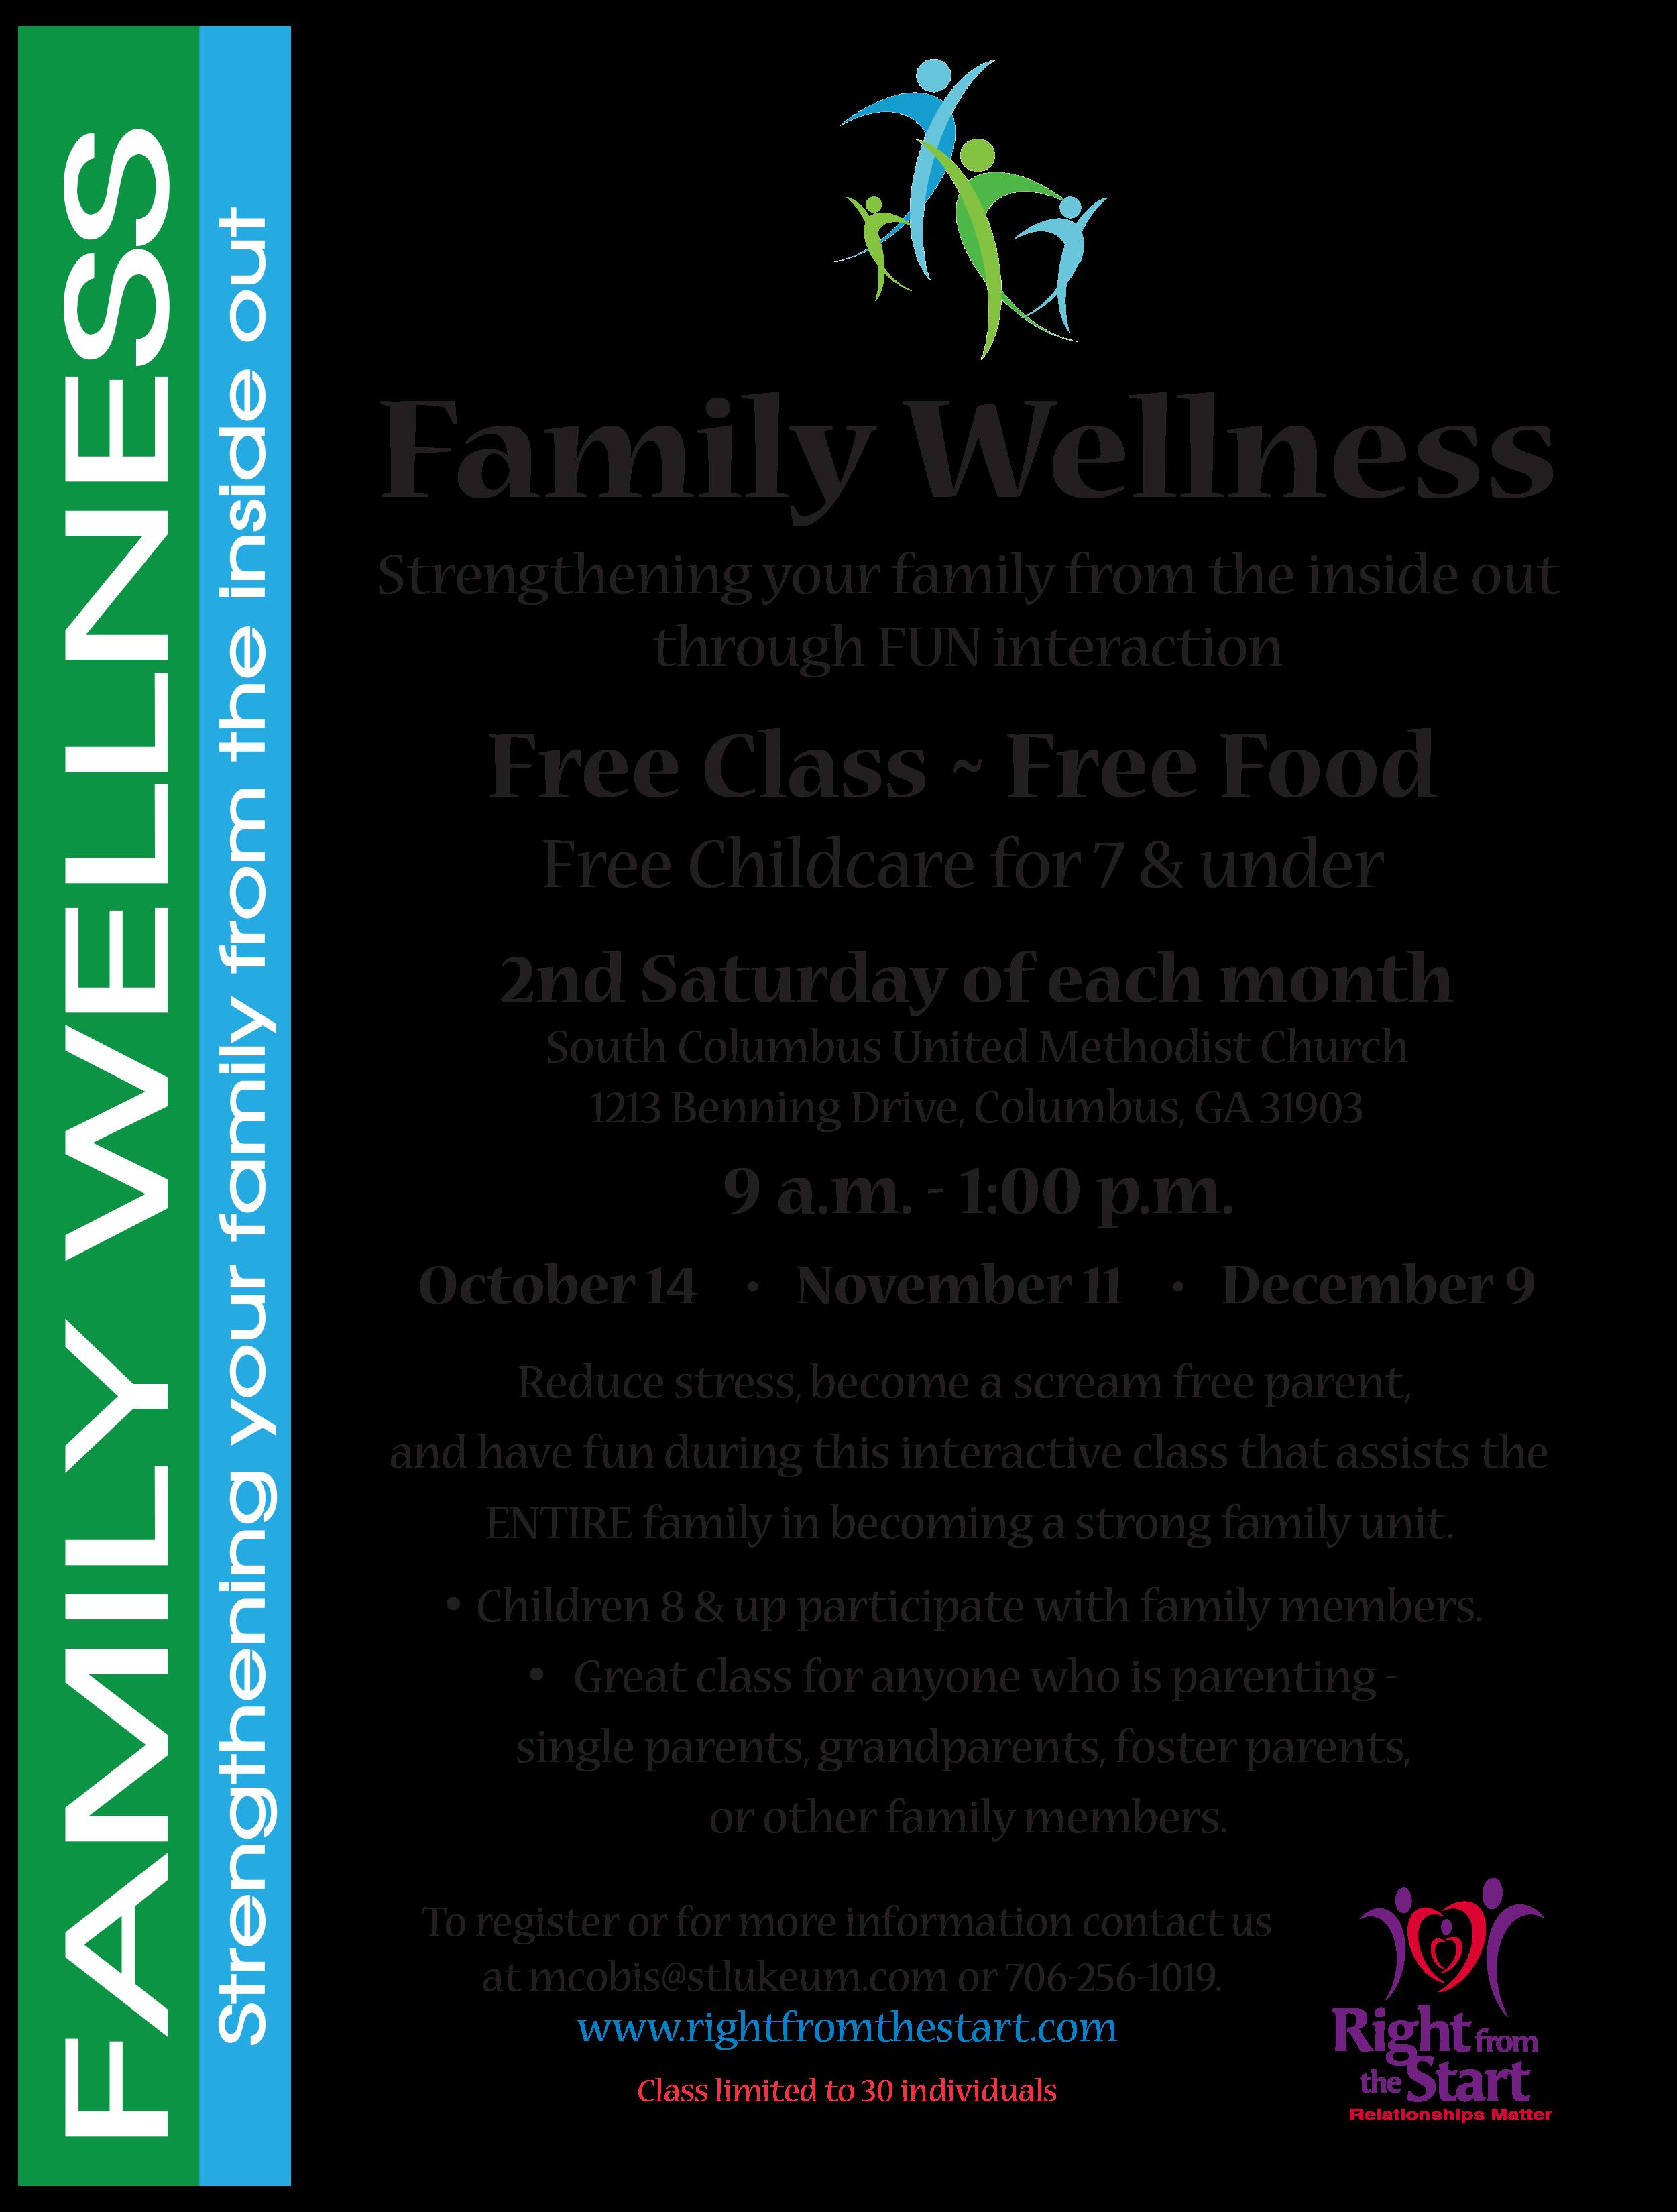 Family Wellness Class Flyer